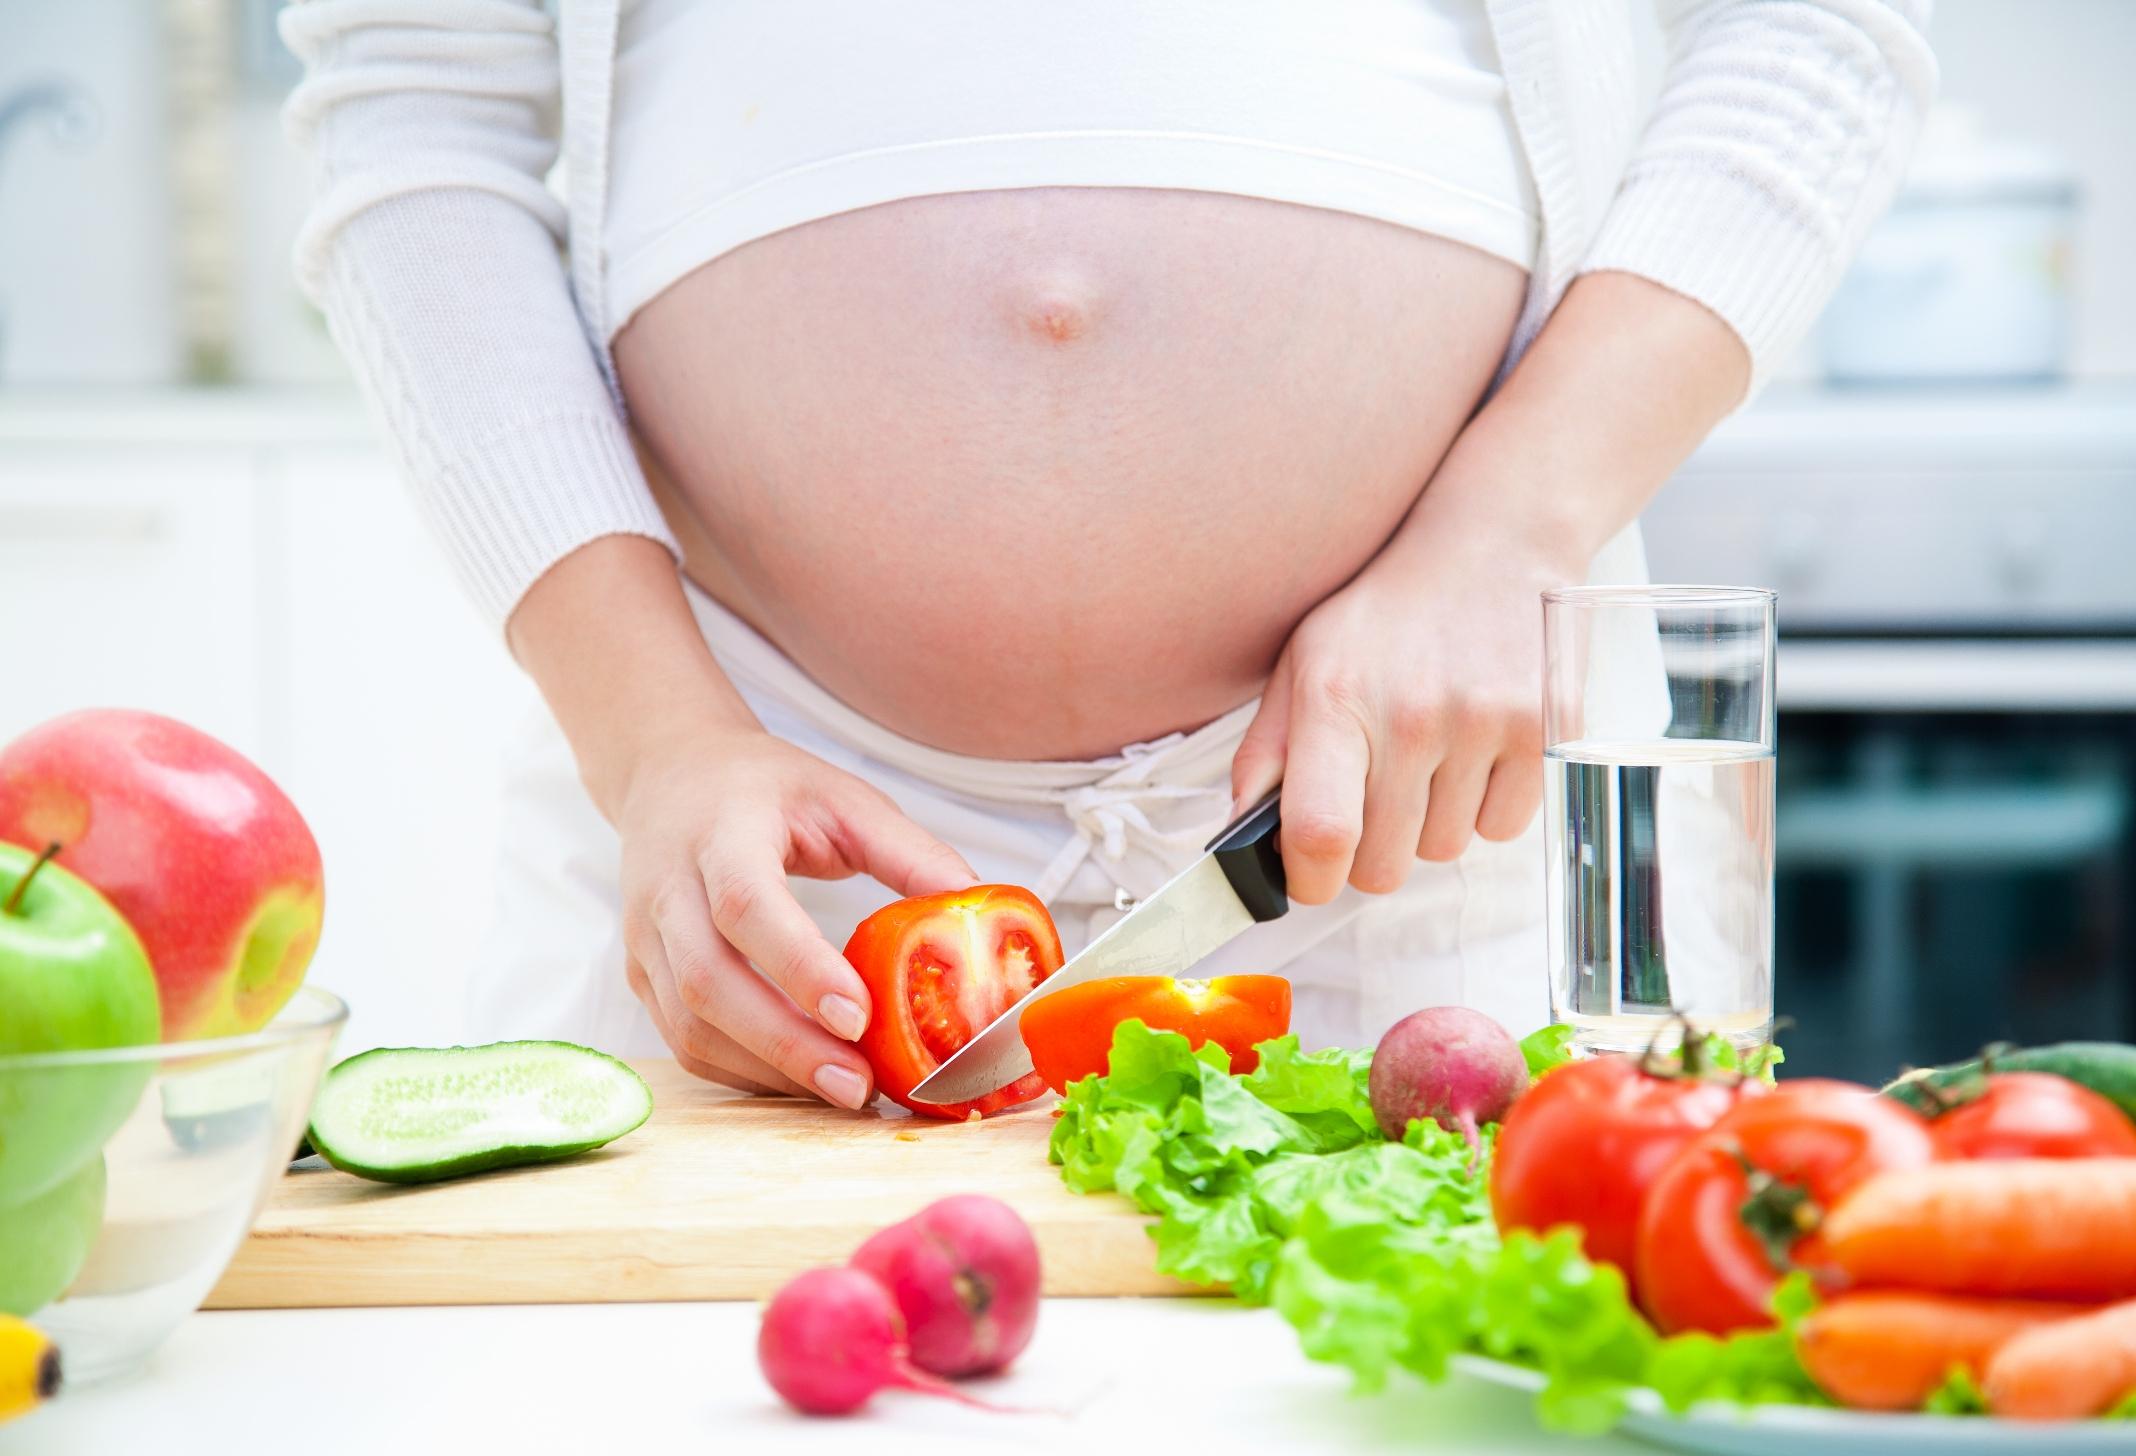 dinh dưỡng cho bà bầu 3 tháng đầu thai kỳ